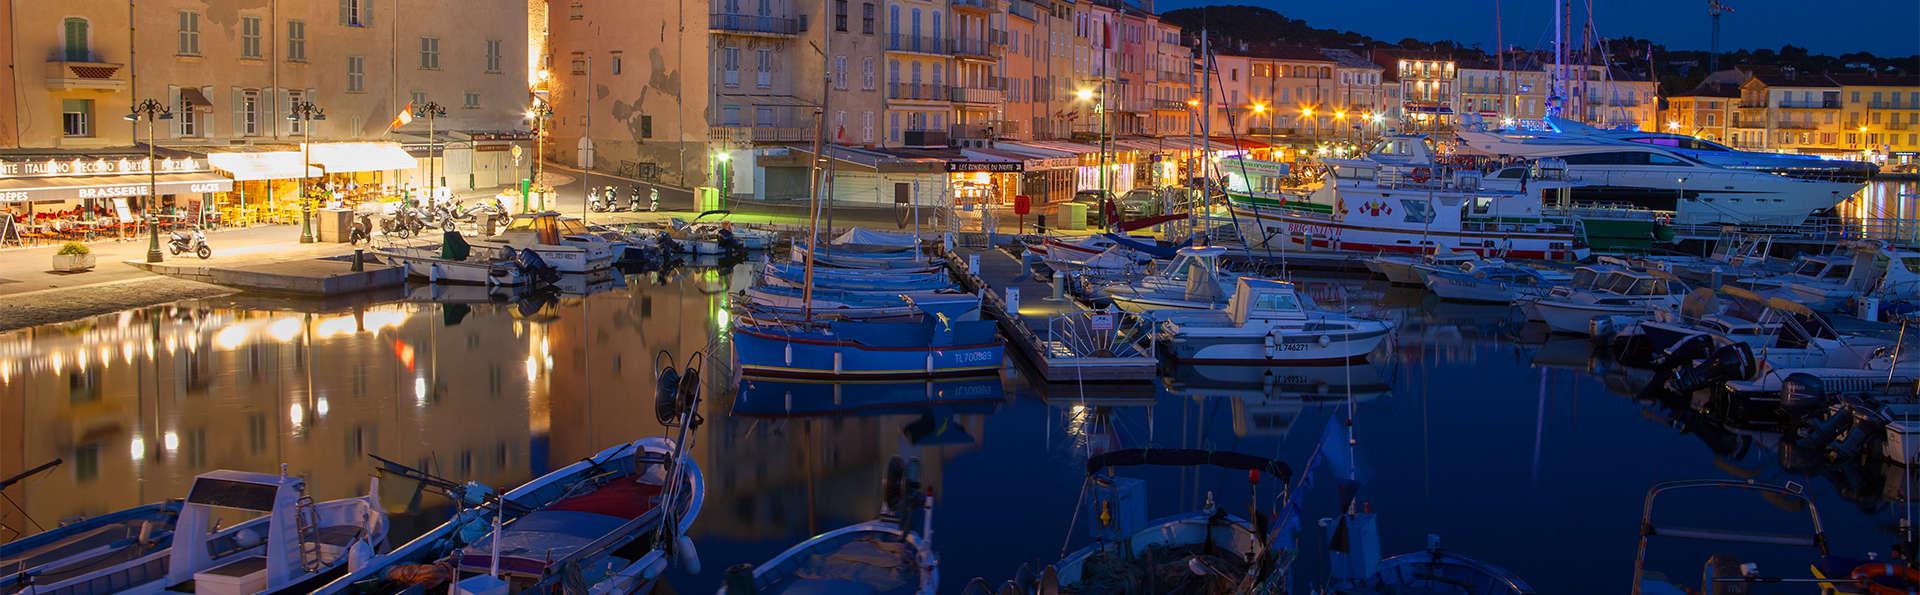 Hôtel Font Mourier - EDIT_Destination_ST-Tropez.jpg